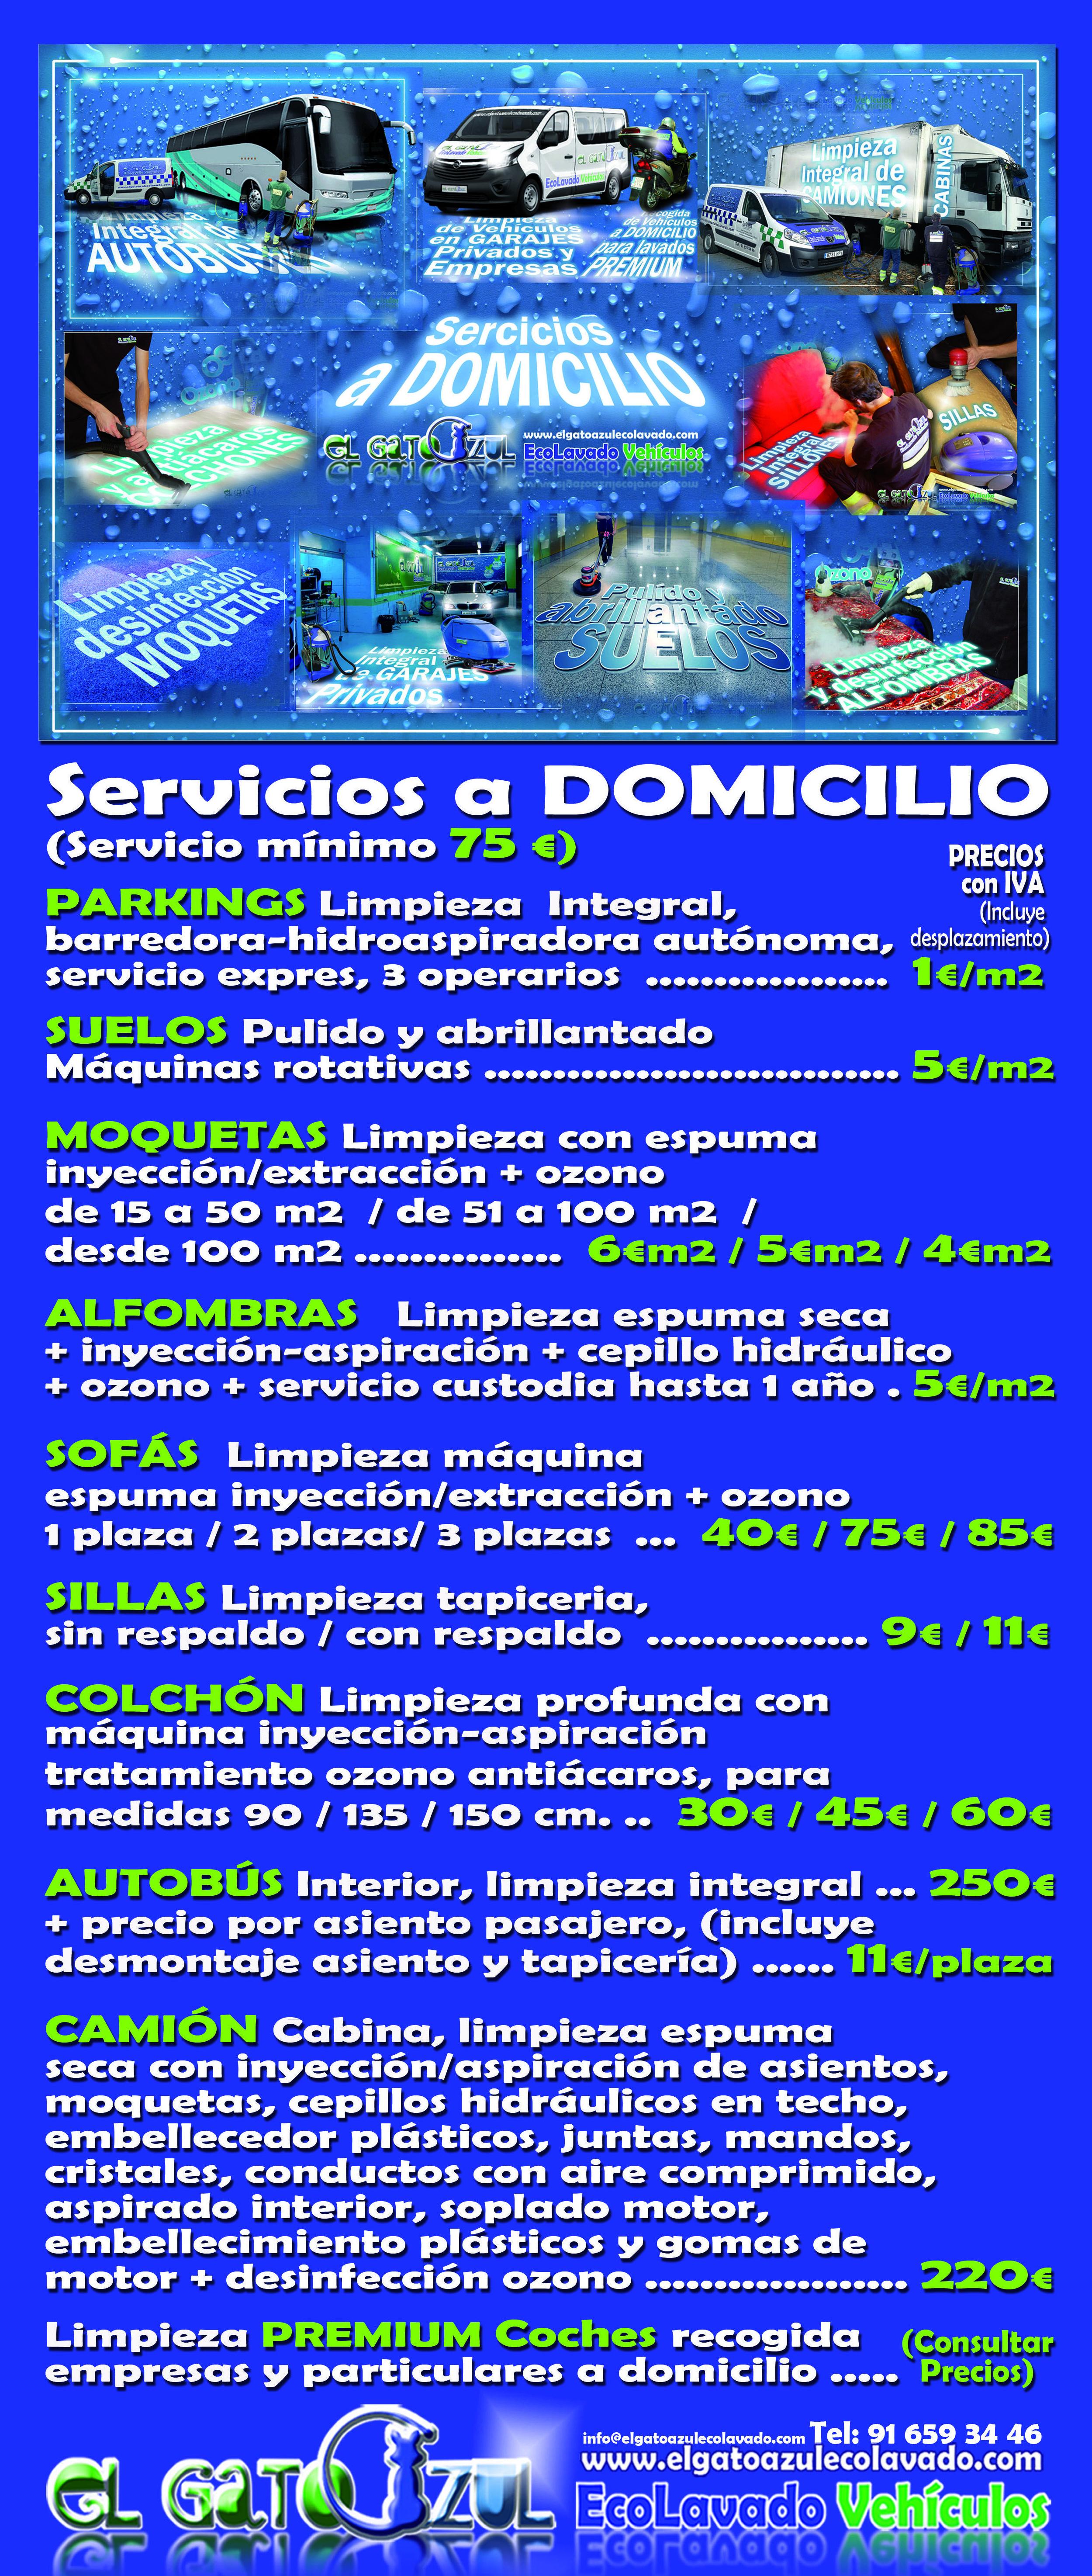 Servicios a empresas: Servicios y Precios de El Gato Azul Ecolavado Vehículos